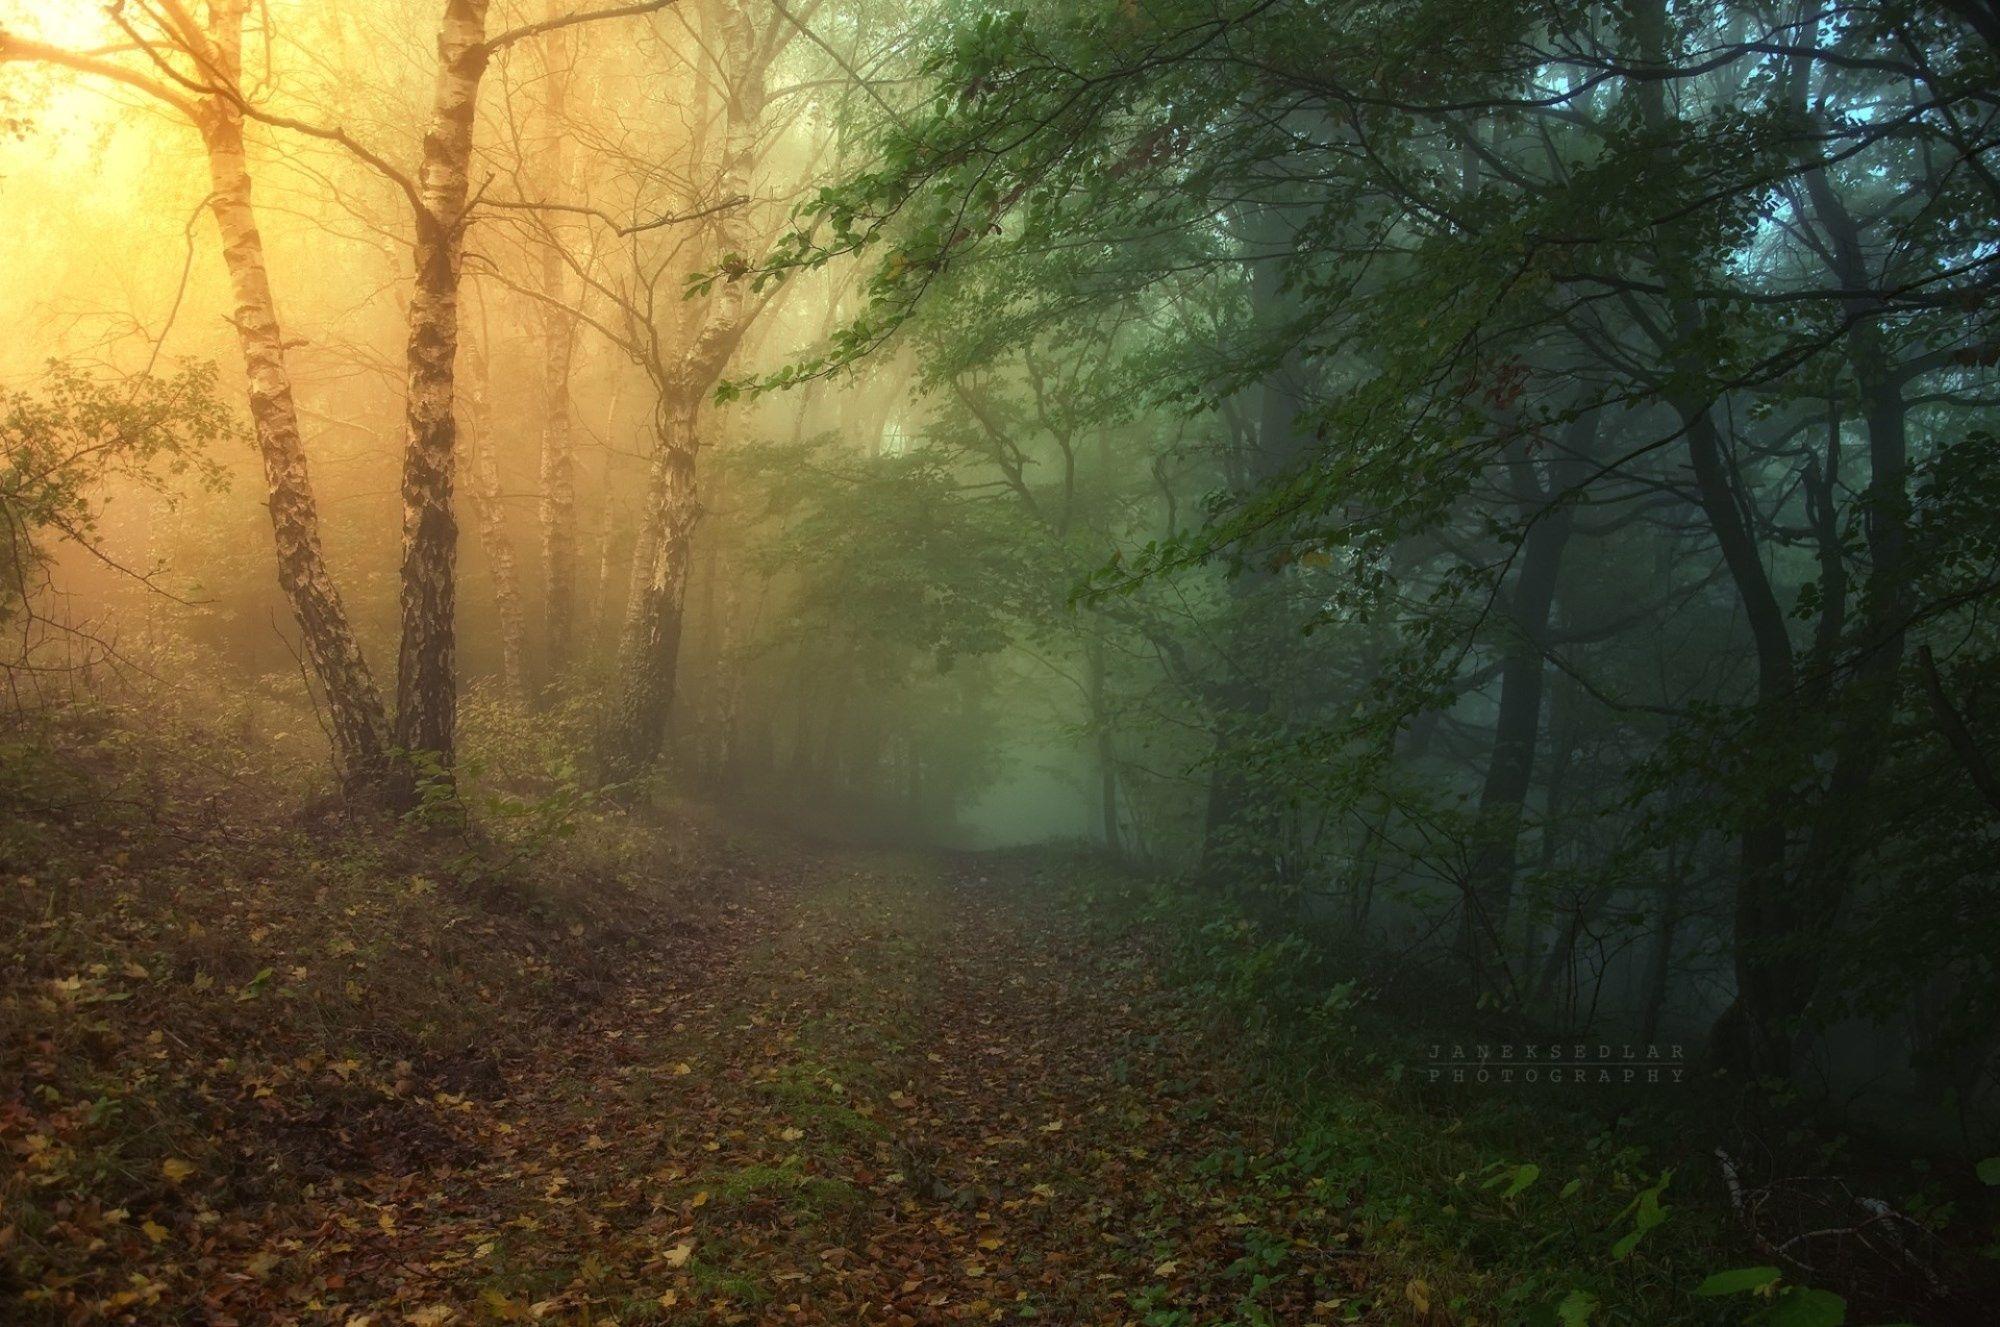 Landscape forest autumn fall wallpaper | 2000x1327 | 135934 | WallpaperUP